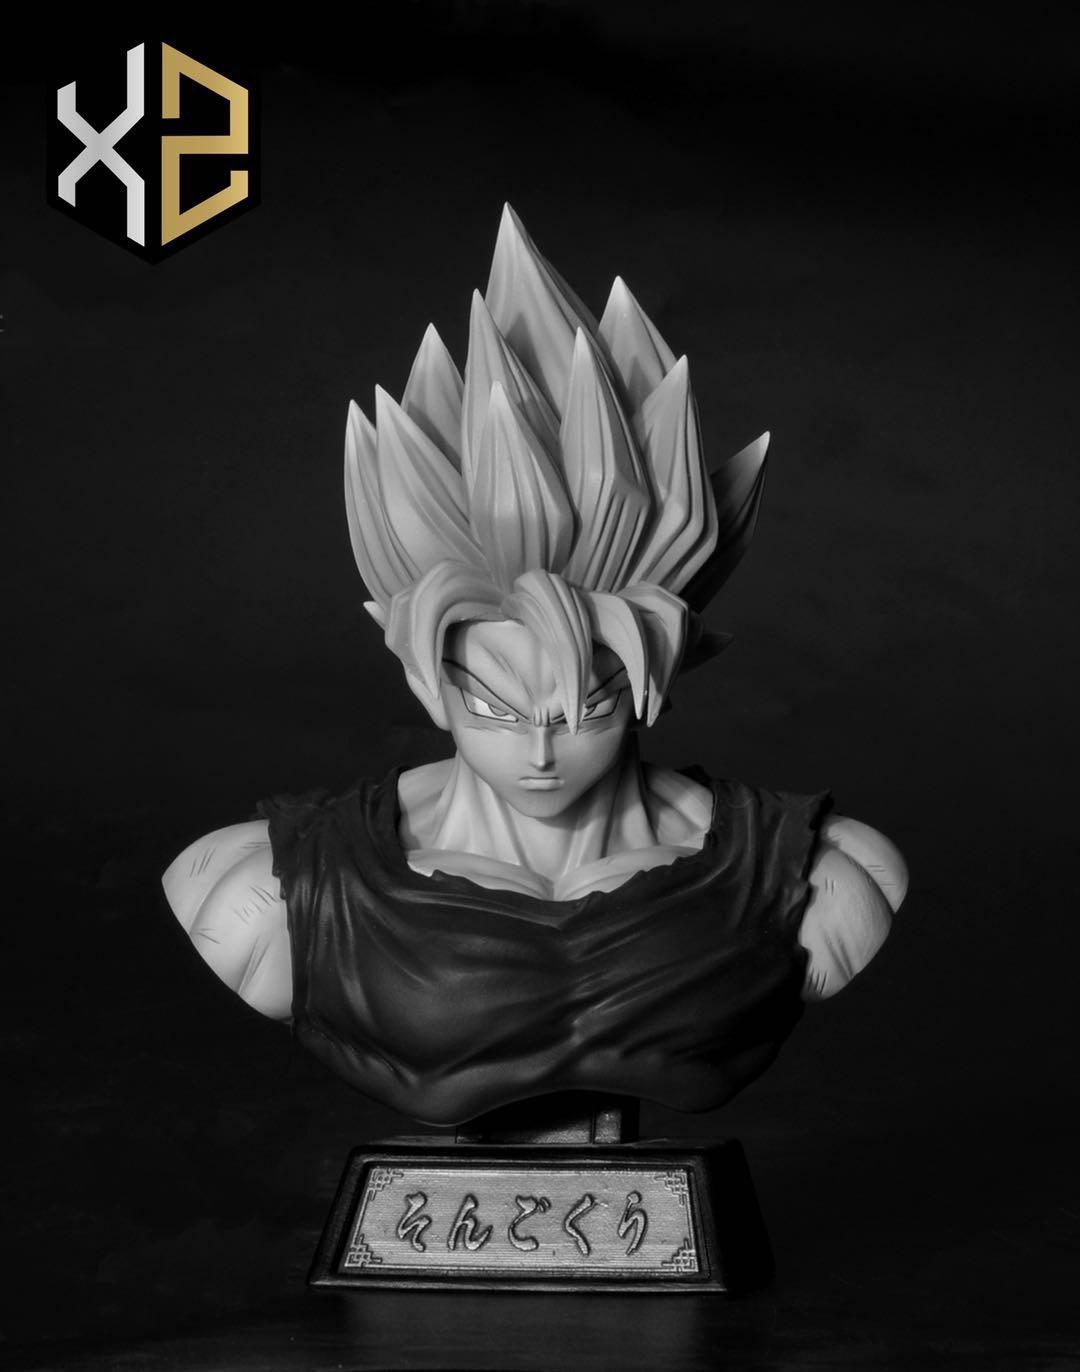 สีขาวดำ Goku Blue ไซย่า บูล XZ Studio (มัดจำ) [[SOLD OUT]]